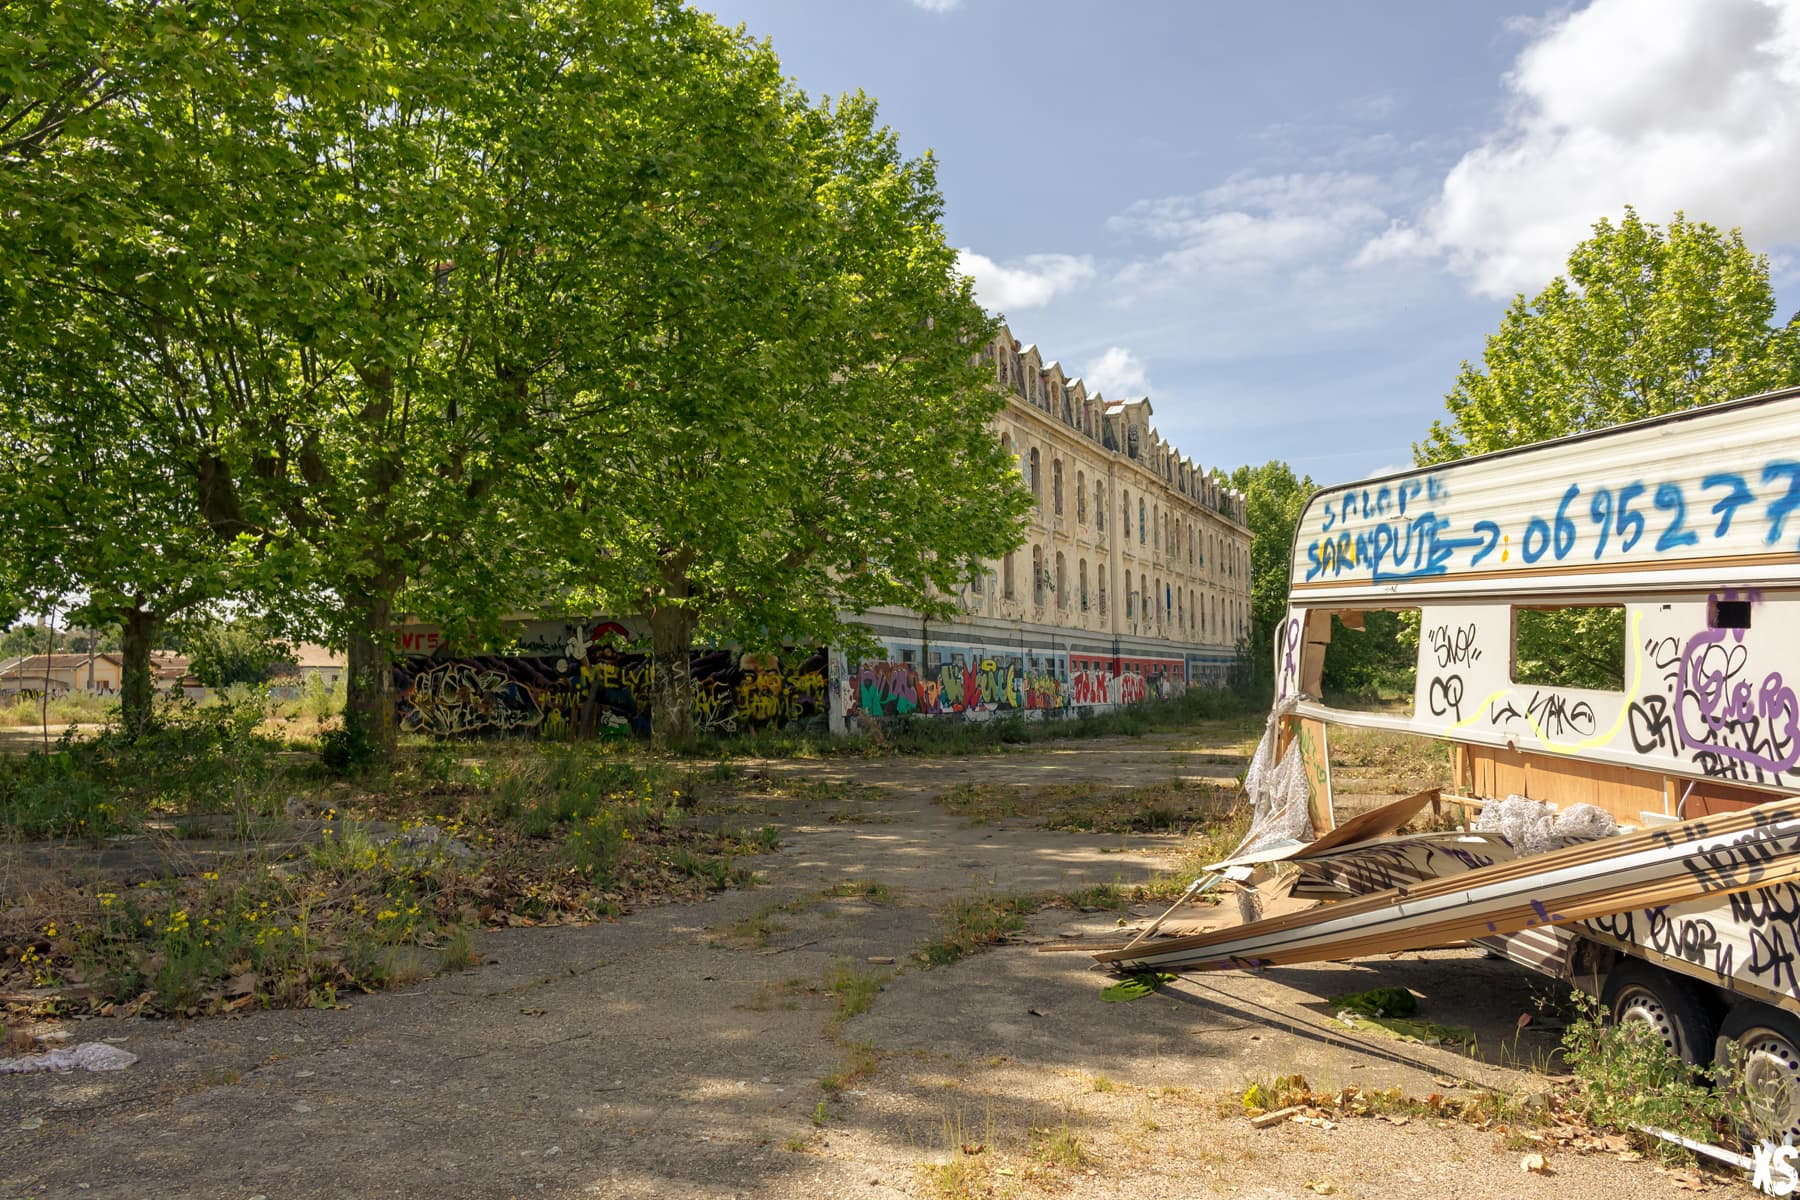 Caserne militaire abandonné situé à Bordeaux | urbexsession.com/caserne-niel-bordeaux | Urbex Bordeaux